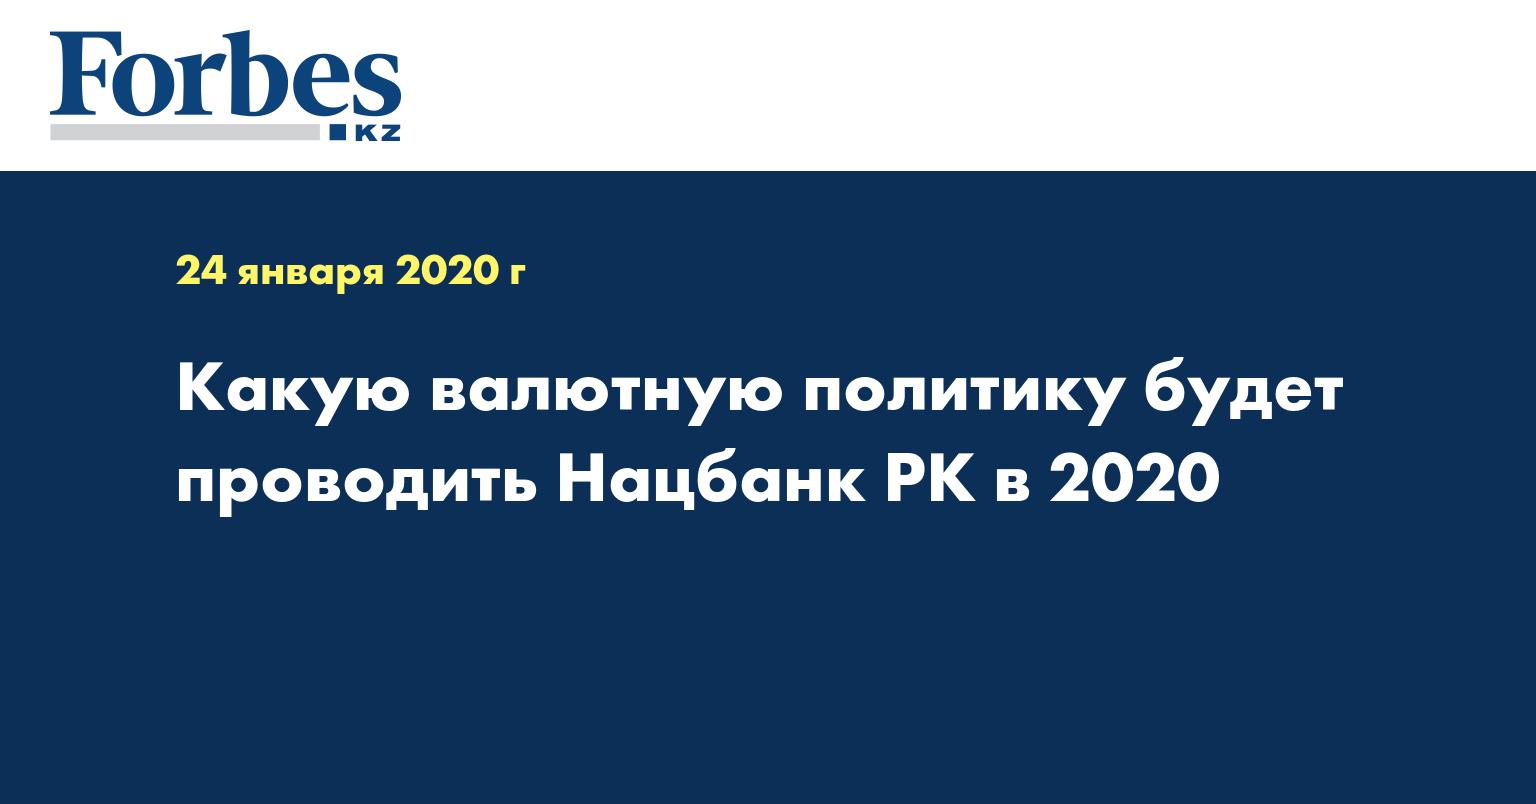 Какую валютную политику будет проводить Нацбанк РК в 2020